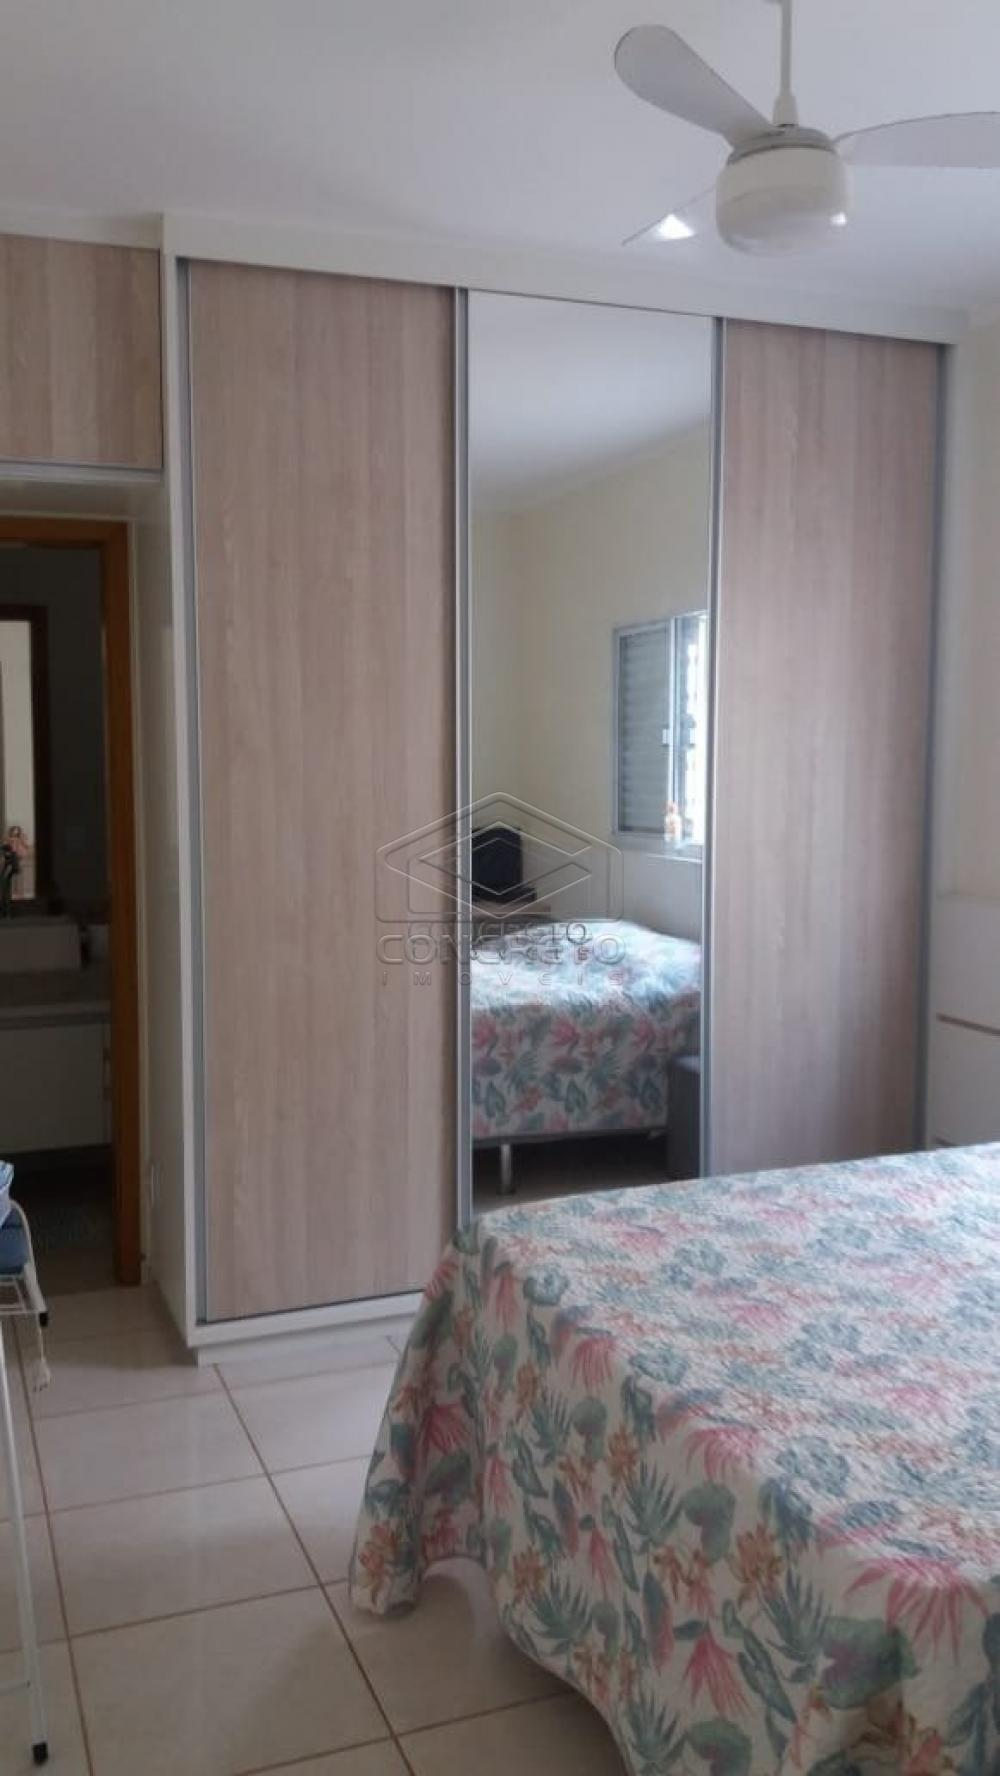 Alugar Casa / Padrão em Bauru apenas R$ 951,00 - Foto 9